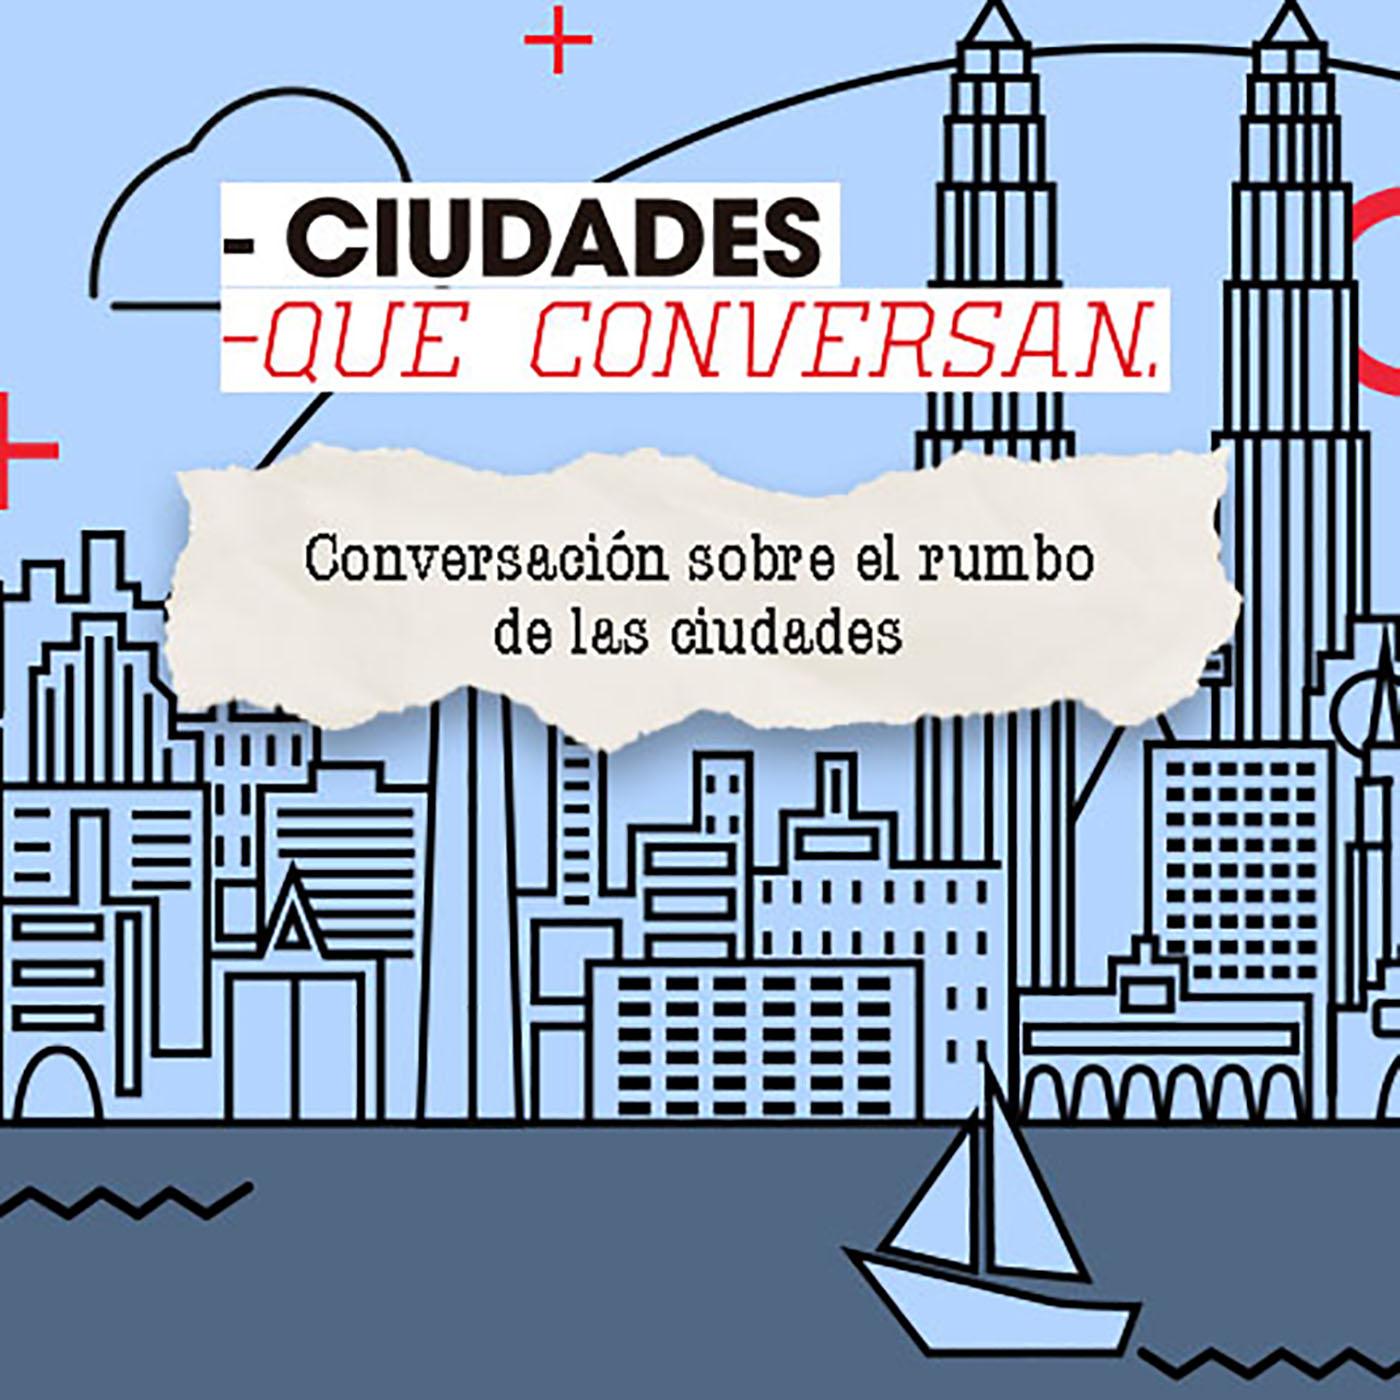 Ciudades que conversan